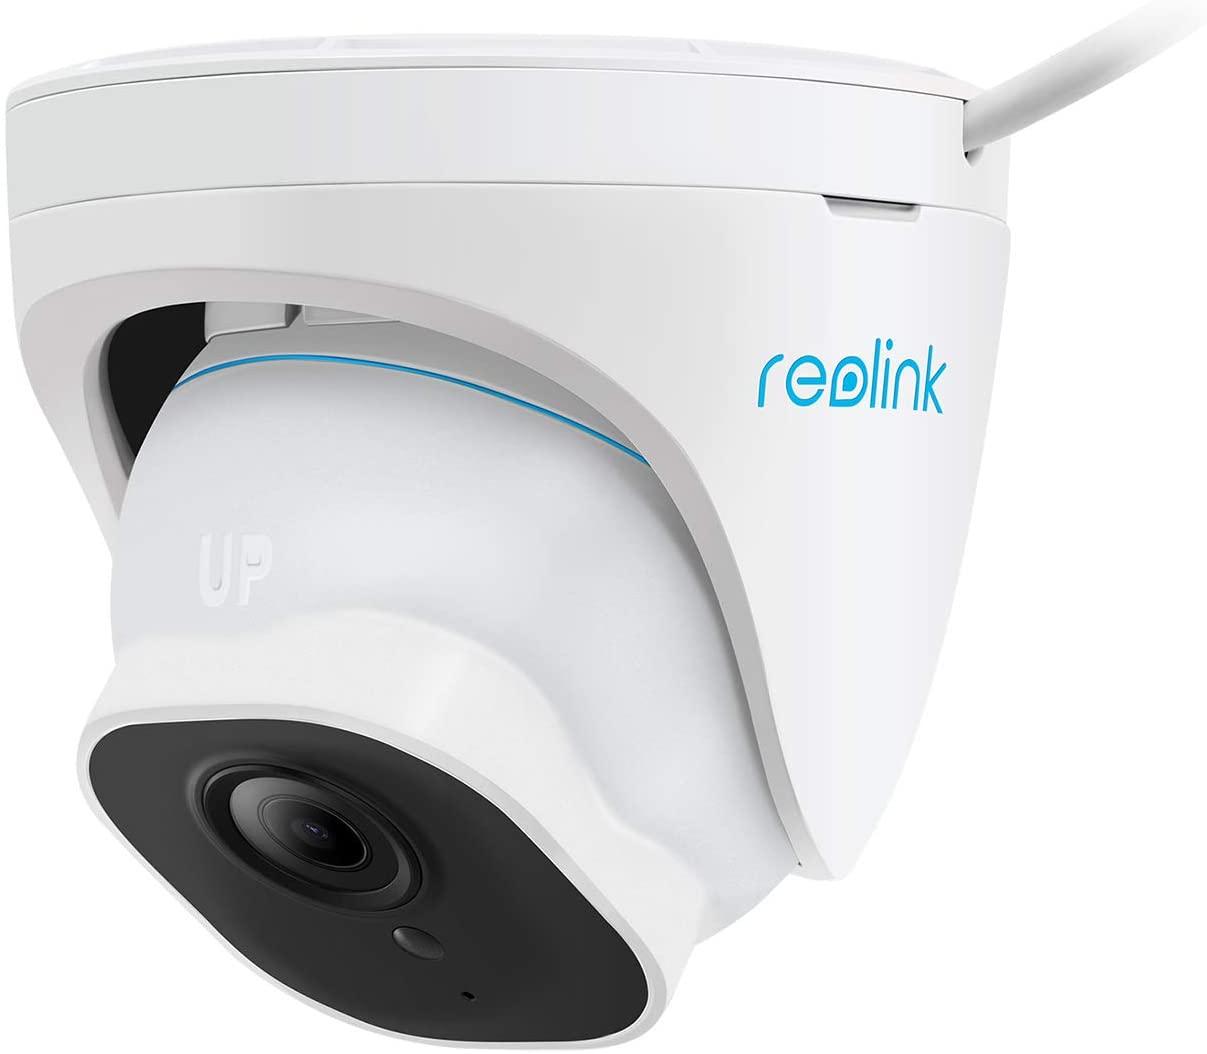 Reolink RLC-820A Überwachungskamera (3840x2160@25fps, PoE, 30m Nachtsicht, smarte Personen- & Autoerkennung, FTP, microSD, Google Assistant)